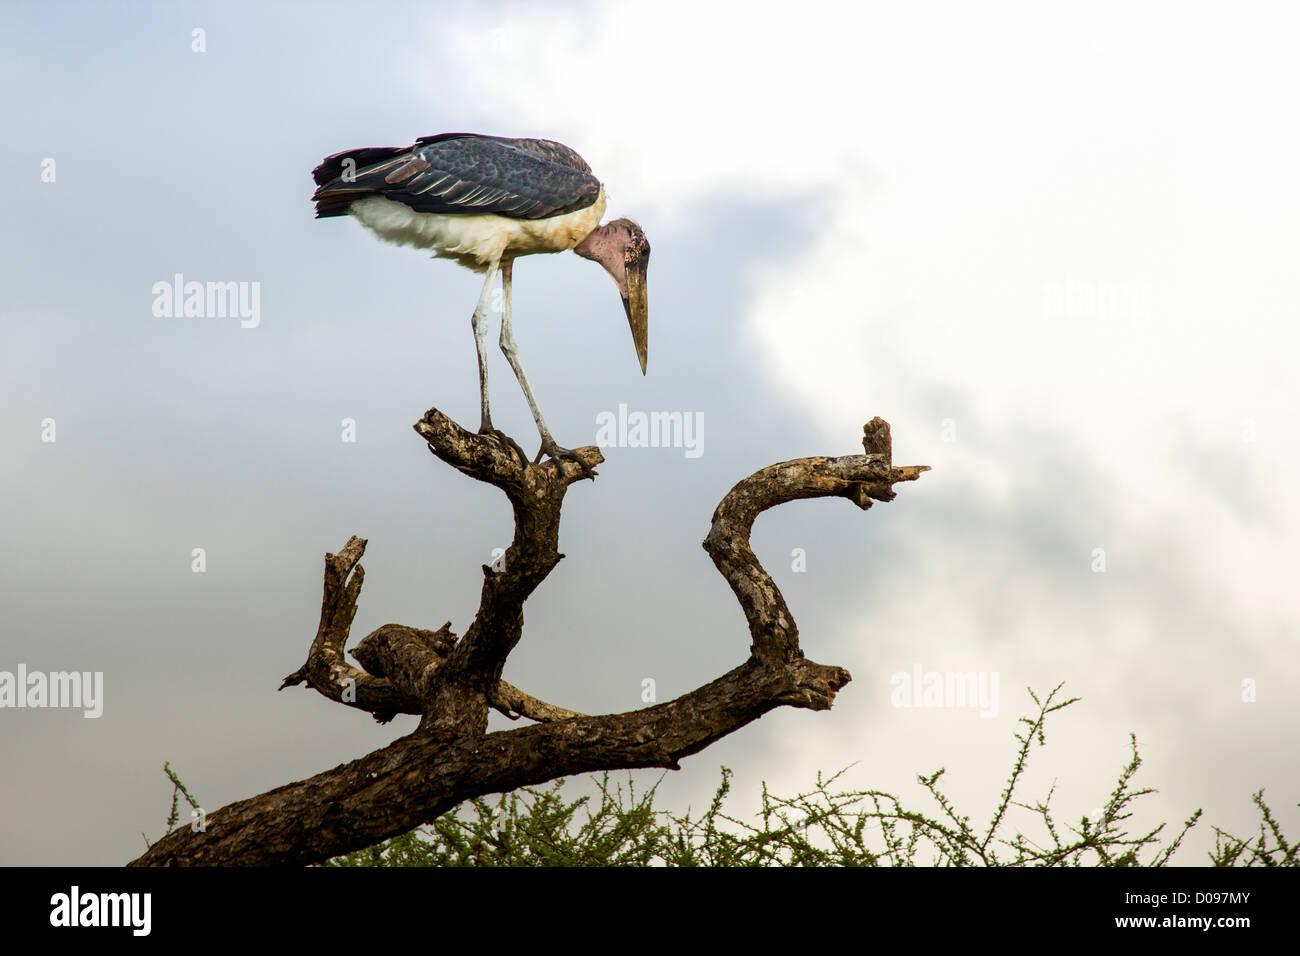 Marabou Stork, Tarangire National Park, Tanzania, Africa - Stock Image